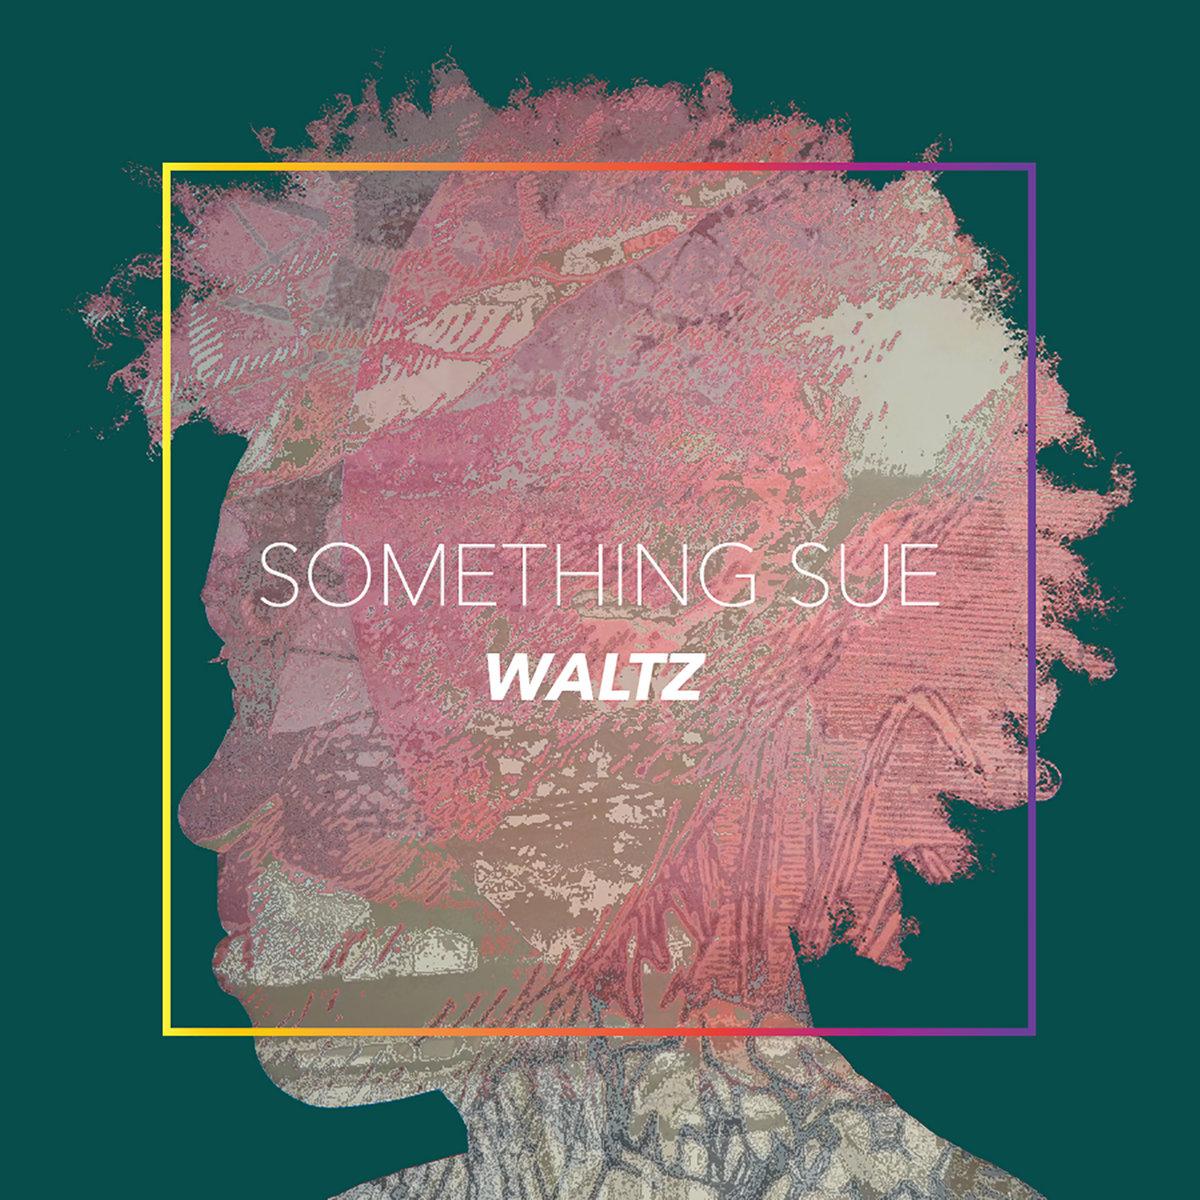 Waltz by Something Sue